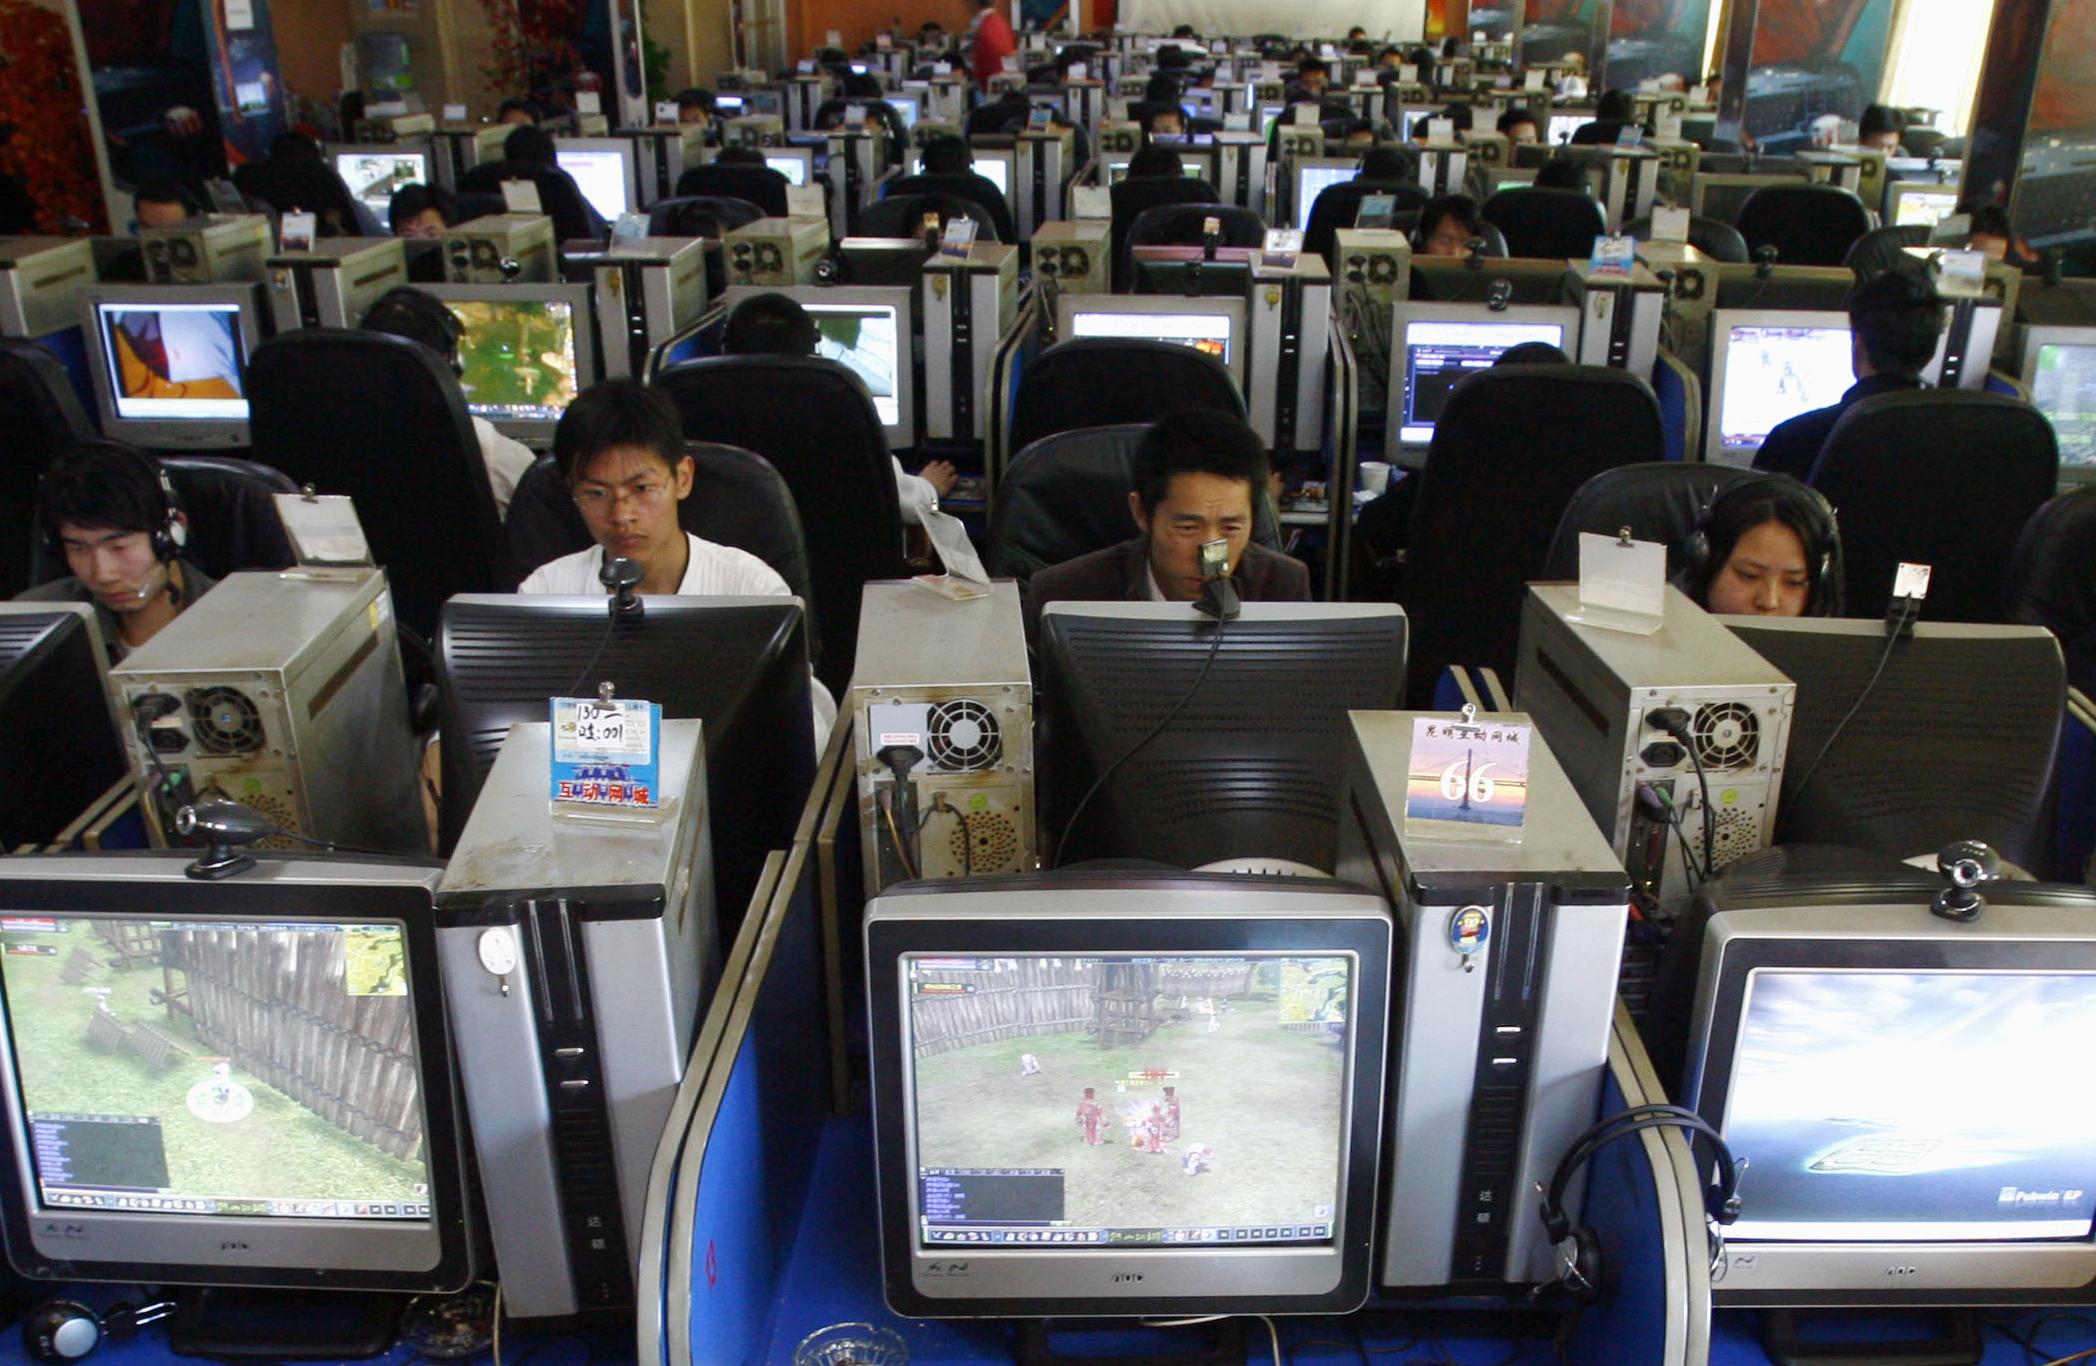 Chinese internet cafe censorship